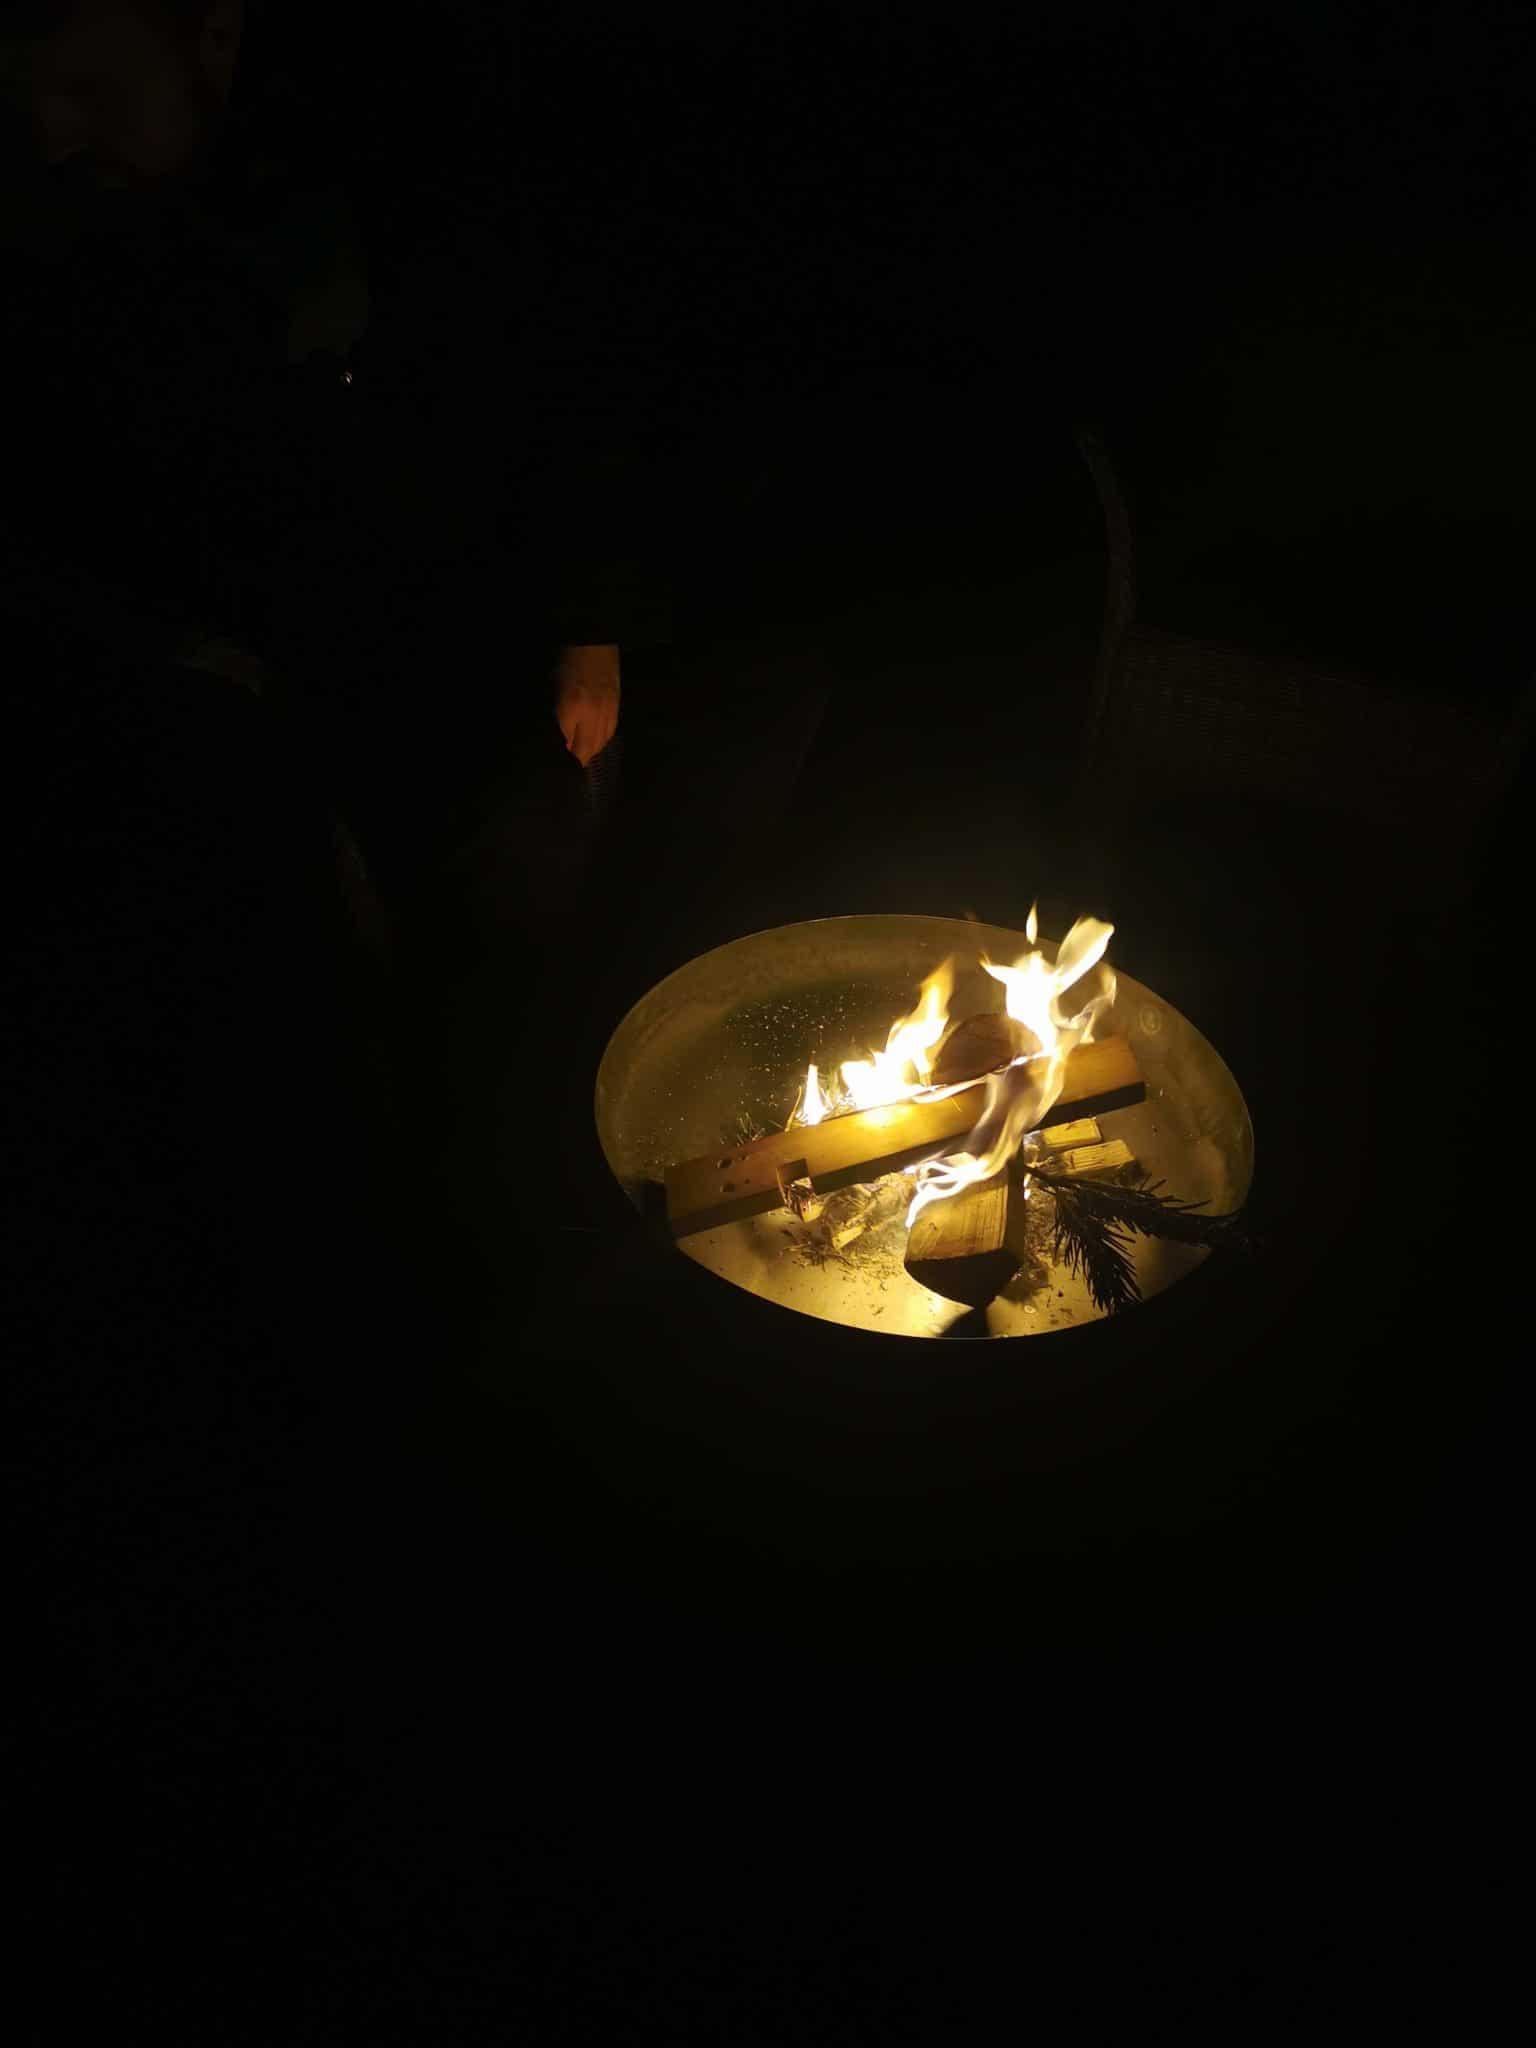 Der Mann macht draußen ein Feuer an. Wir reden ein wenig über unsere Alltagssorgen.